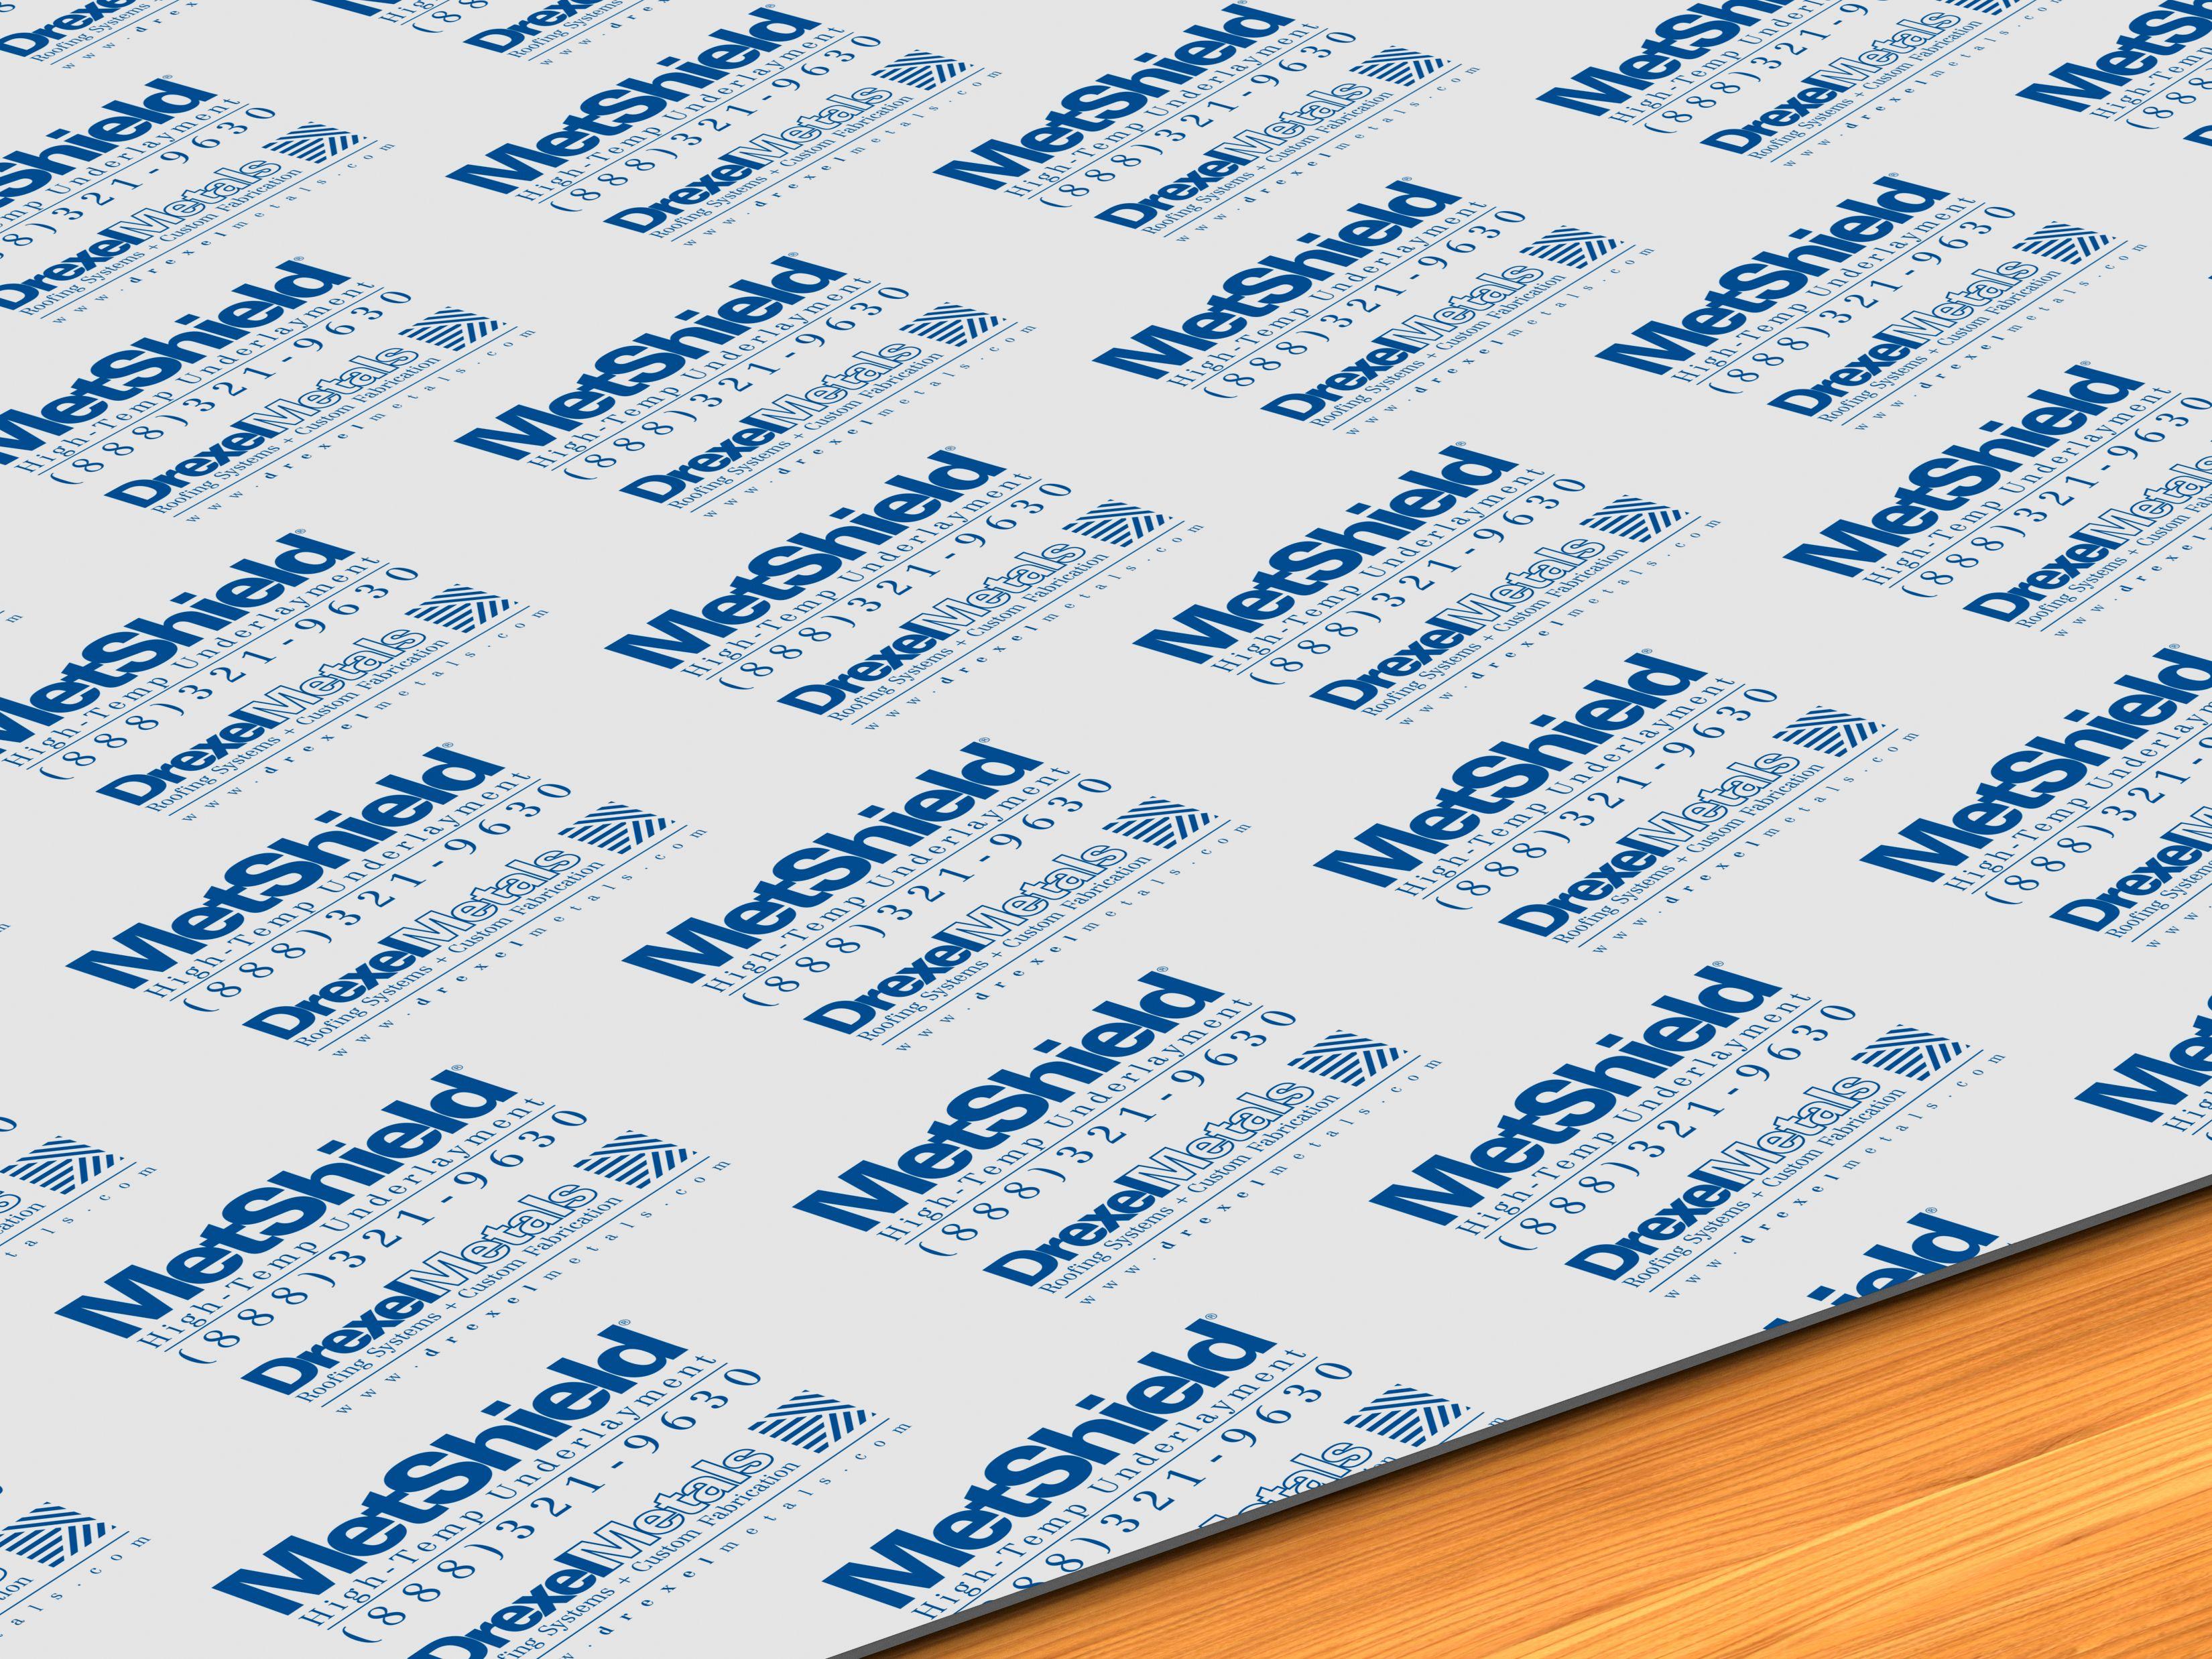 Drexel Metals Metshield Ht Underlayment Earns Metal